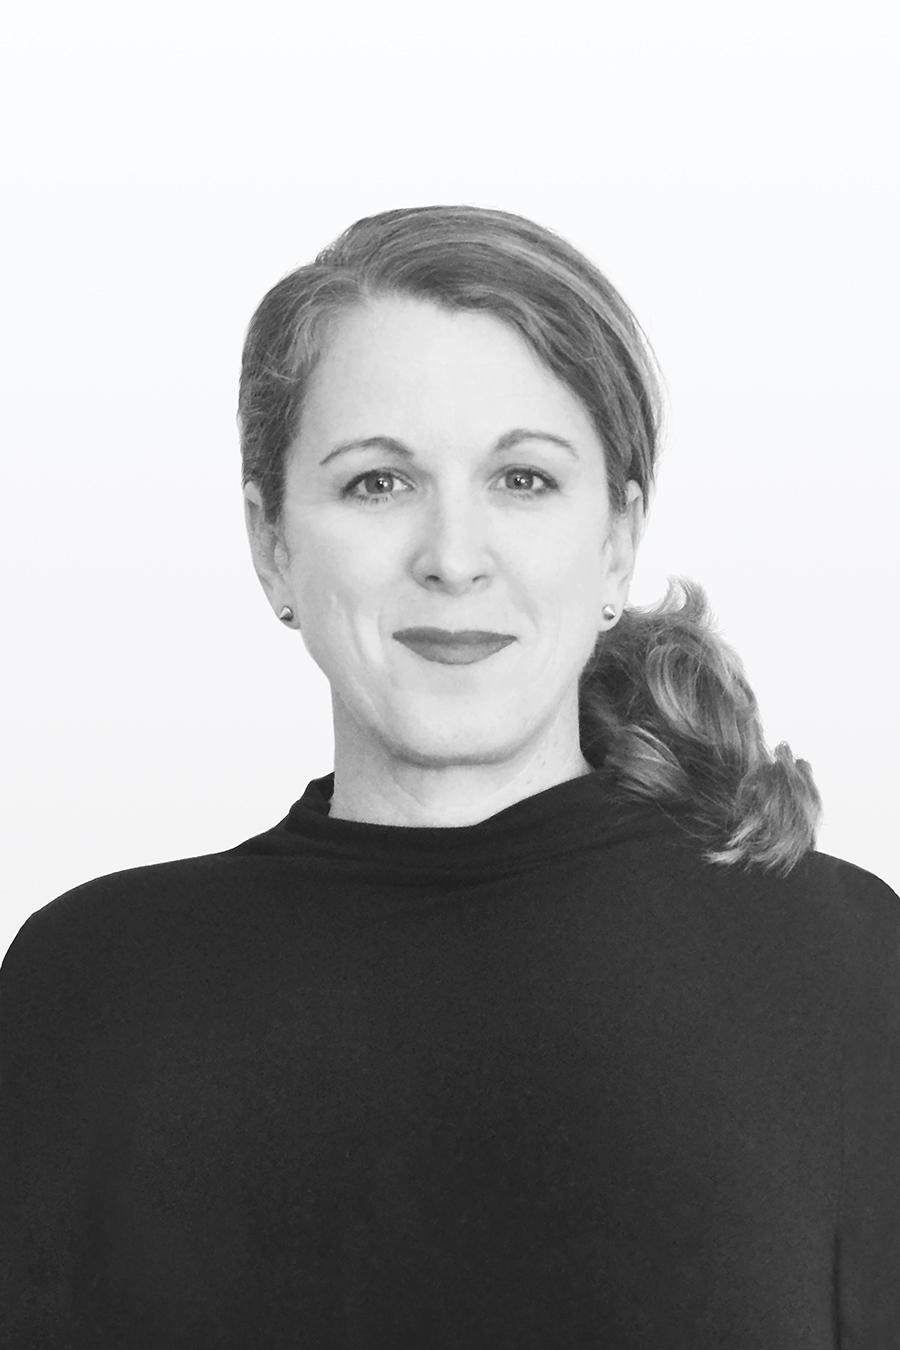 Megan Toth